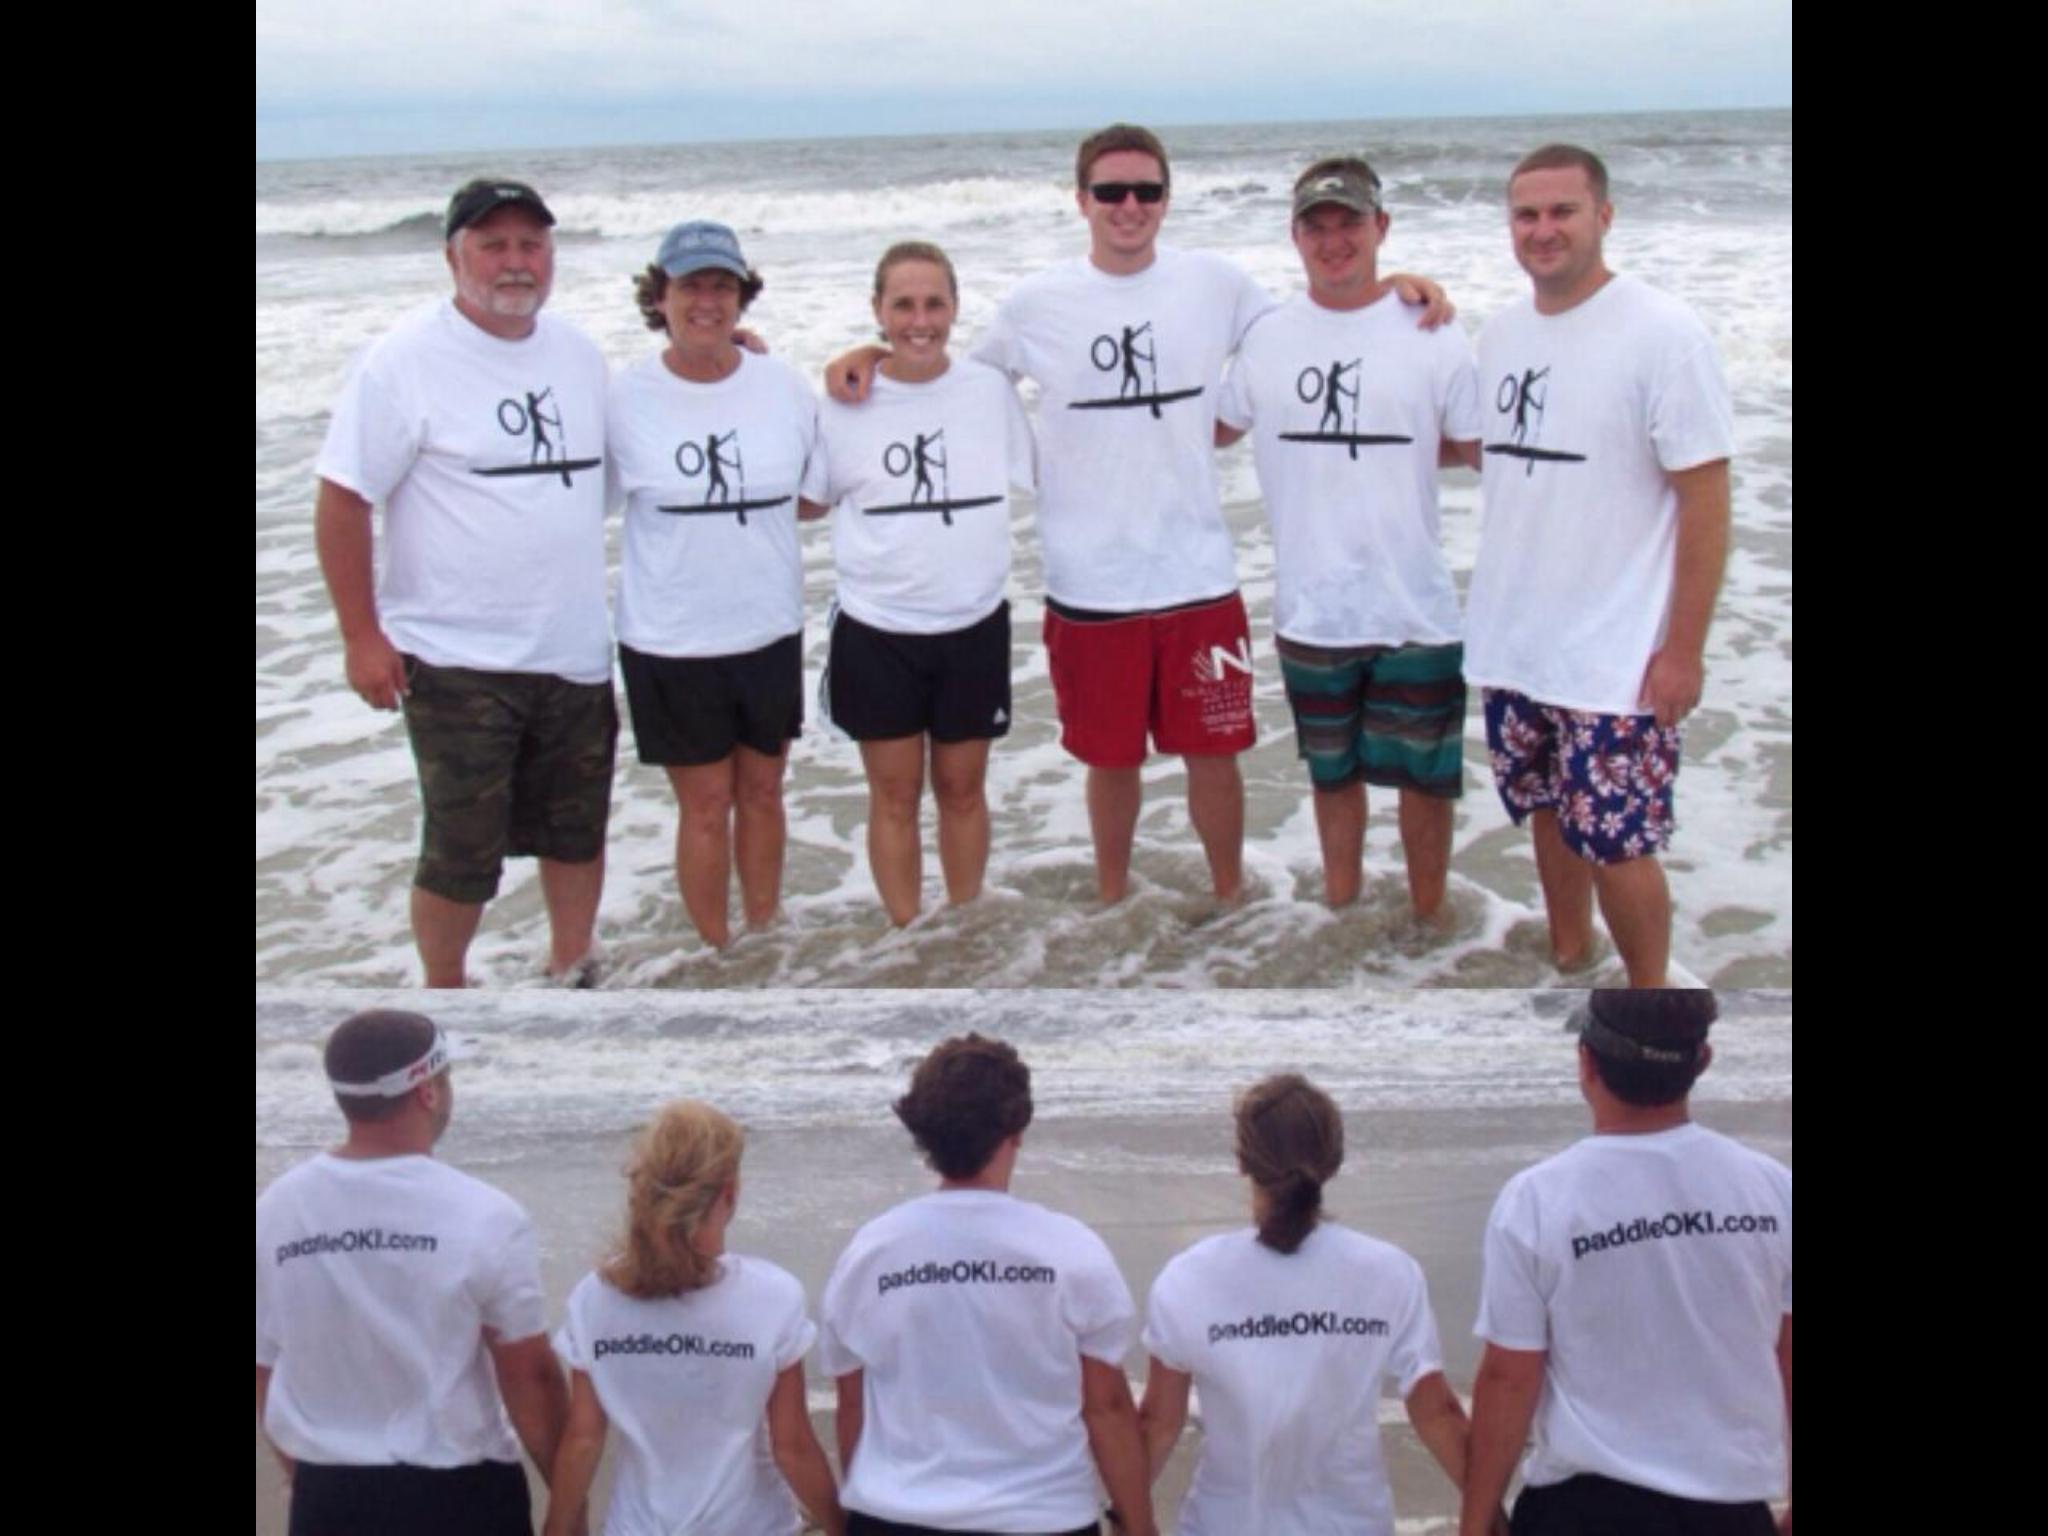 paddleOKI T-Shirts